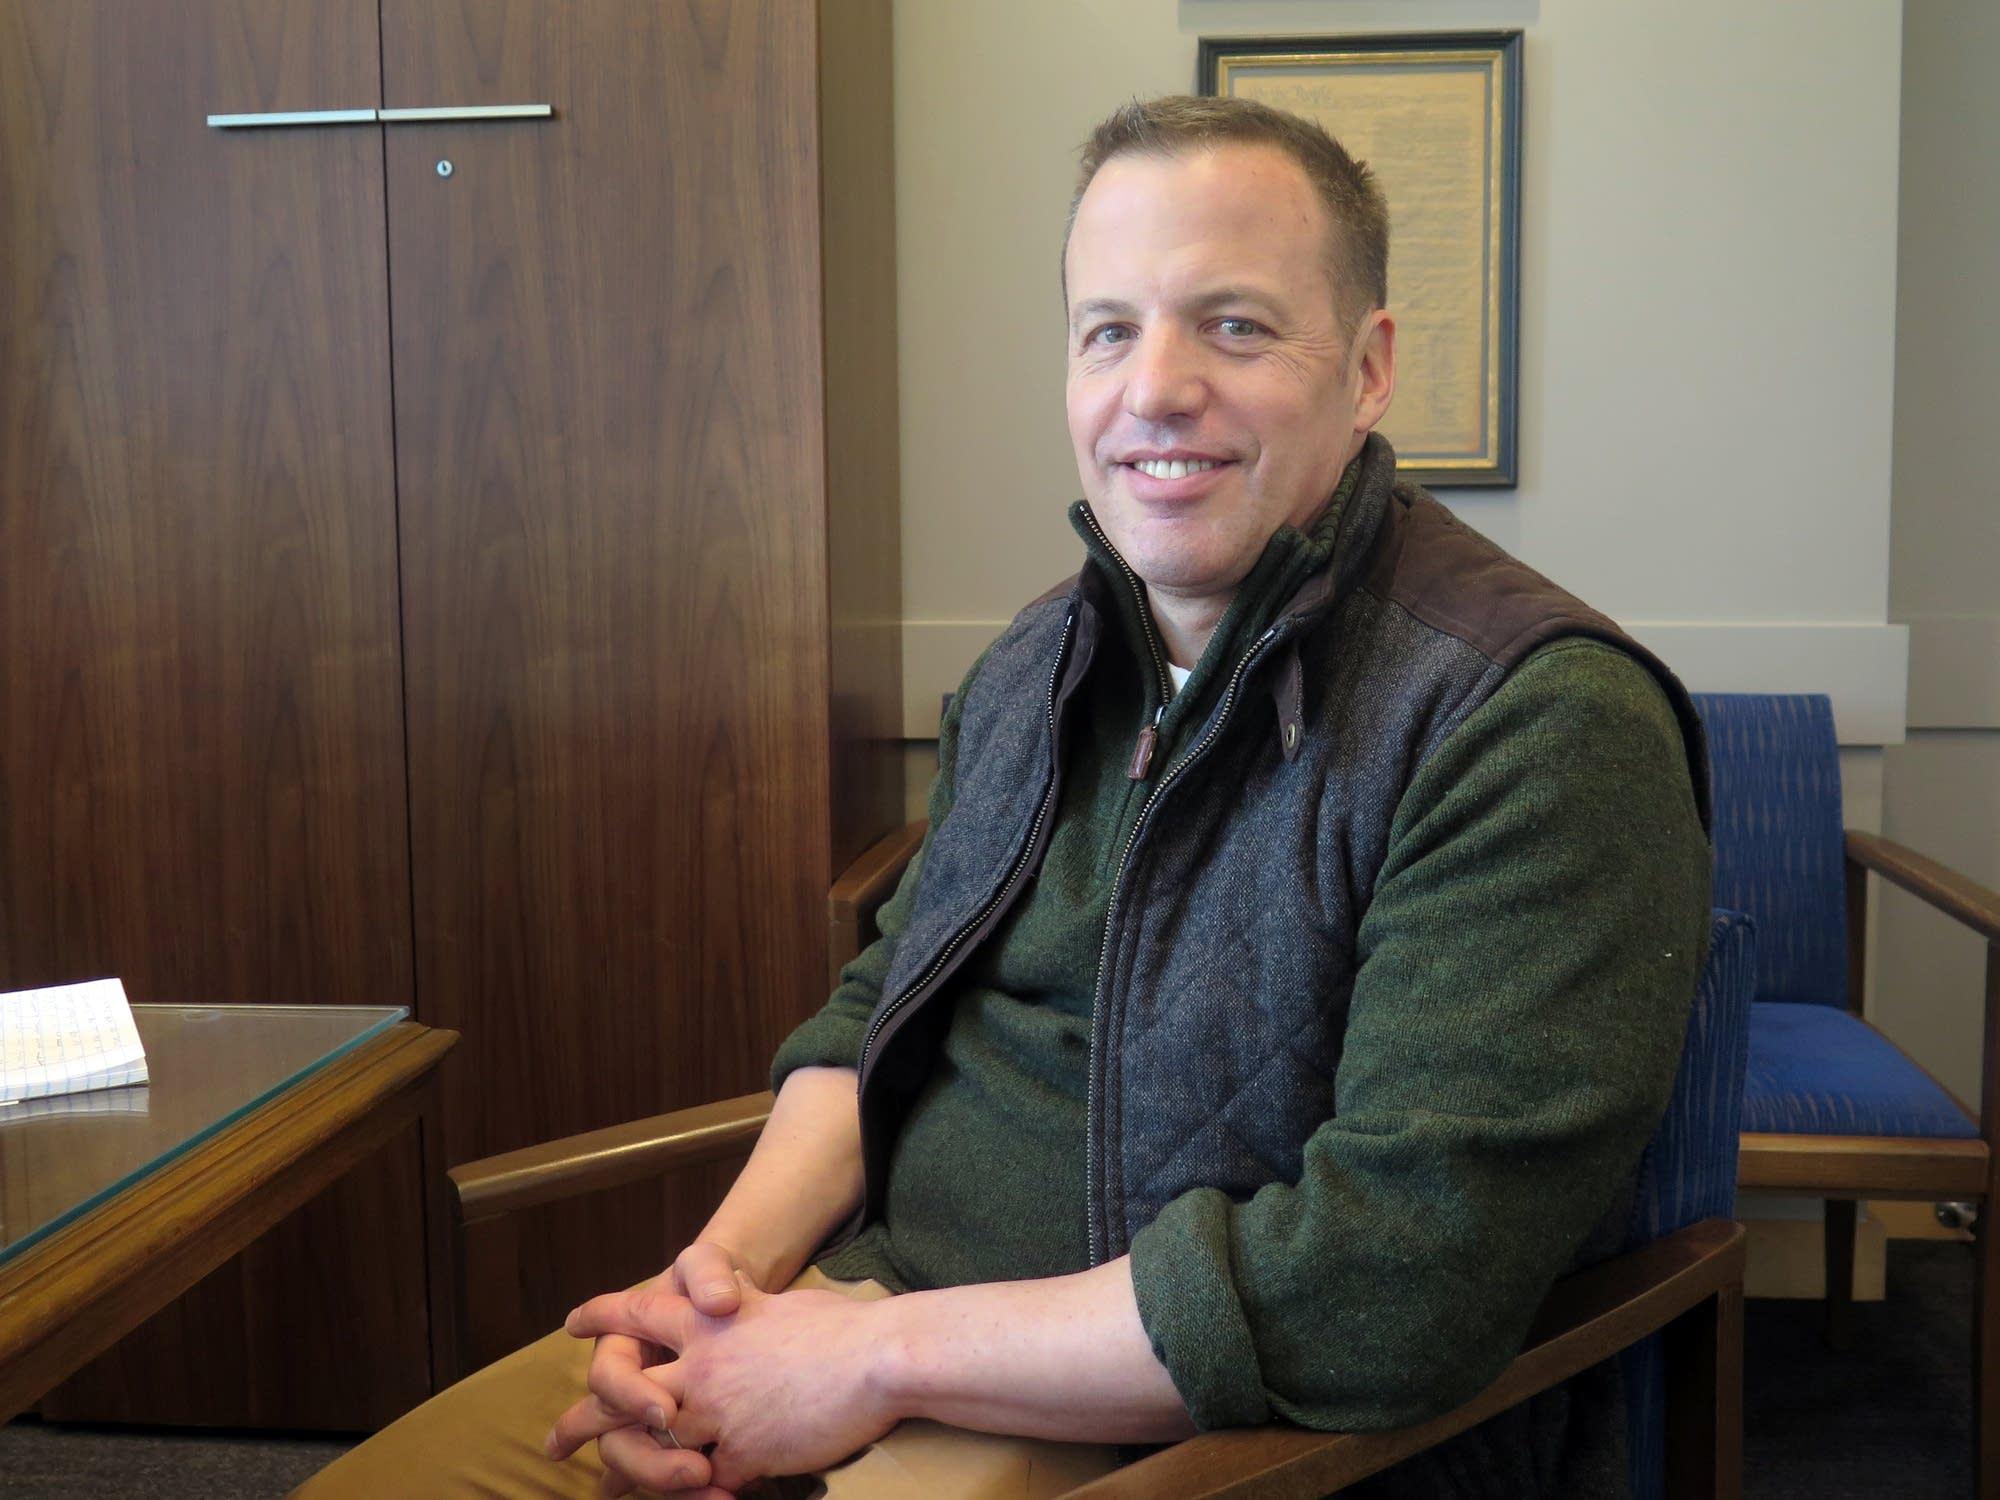 Sen. Matt Klein is an HCMC doctor.